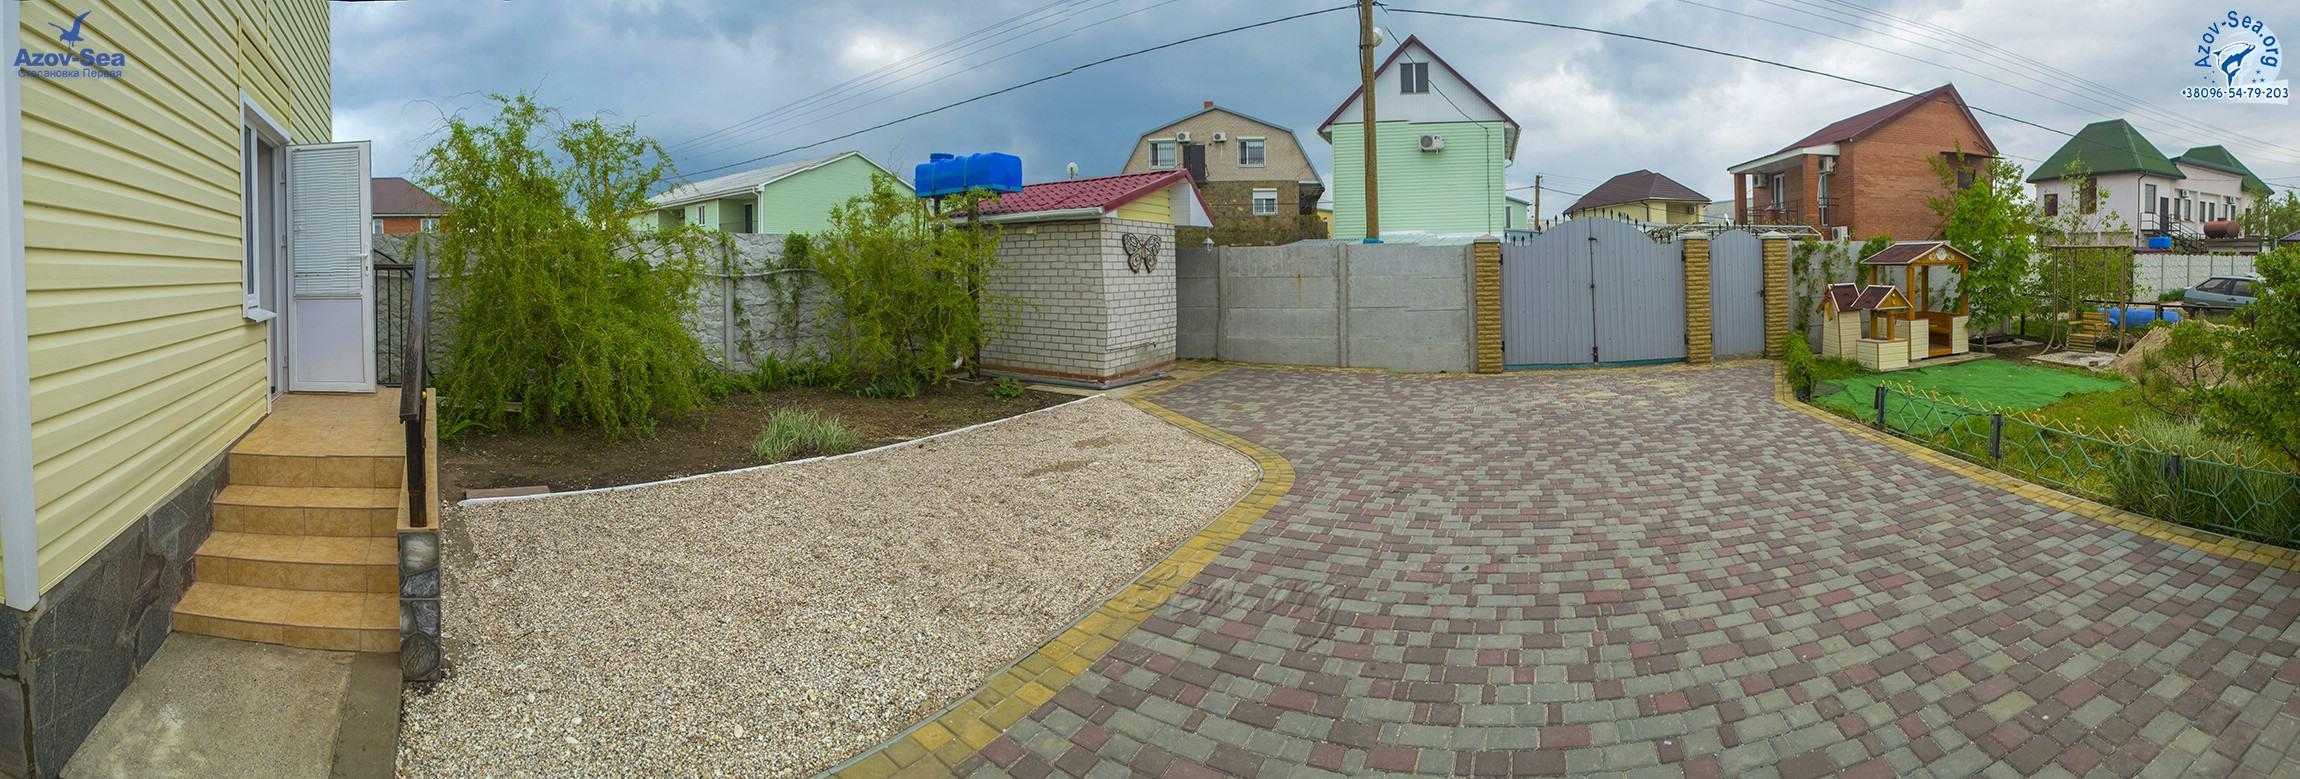 Пляжный домик №6. Степановка Первая. Отдых на Азовском море.